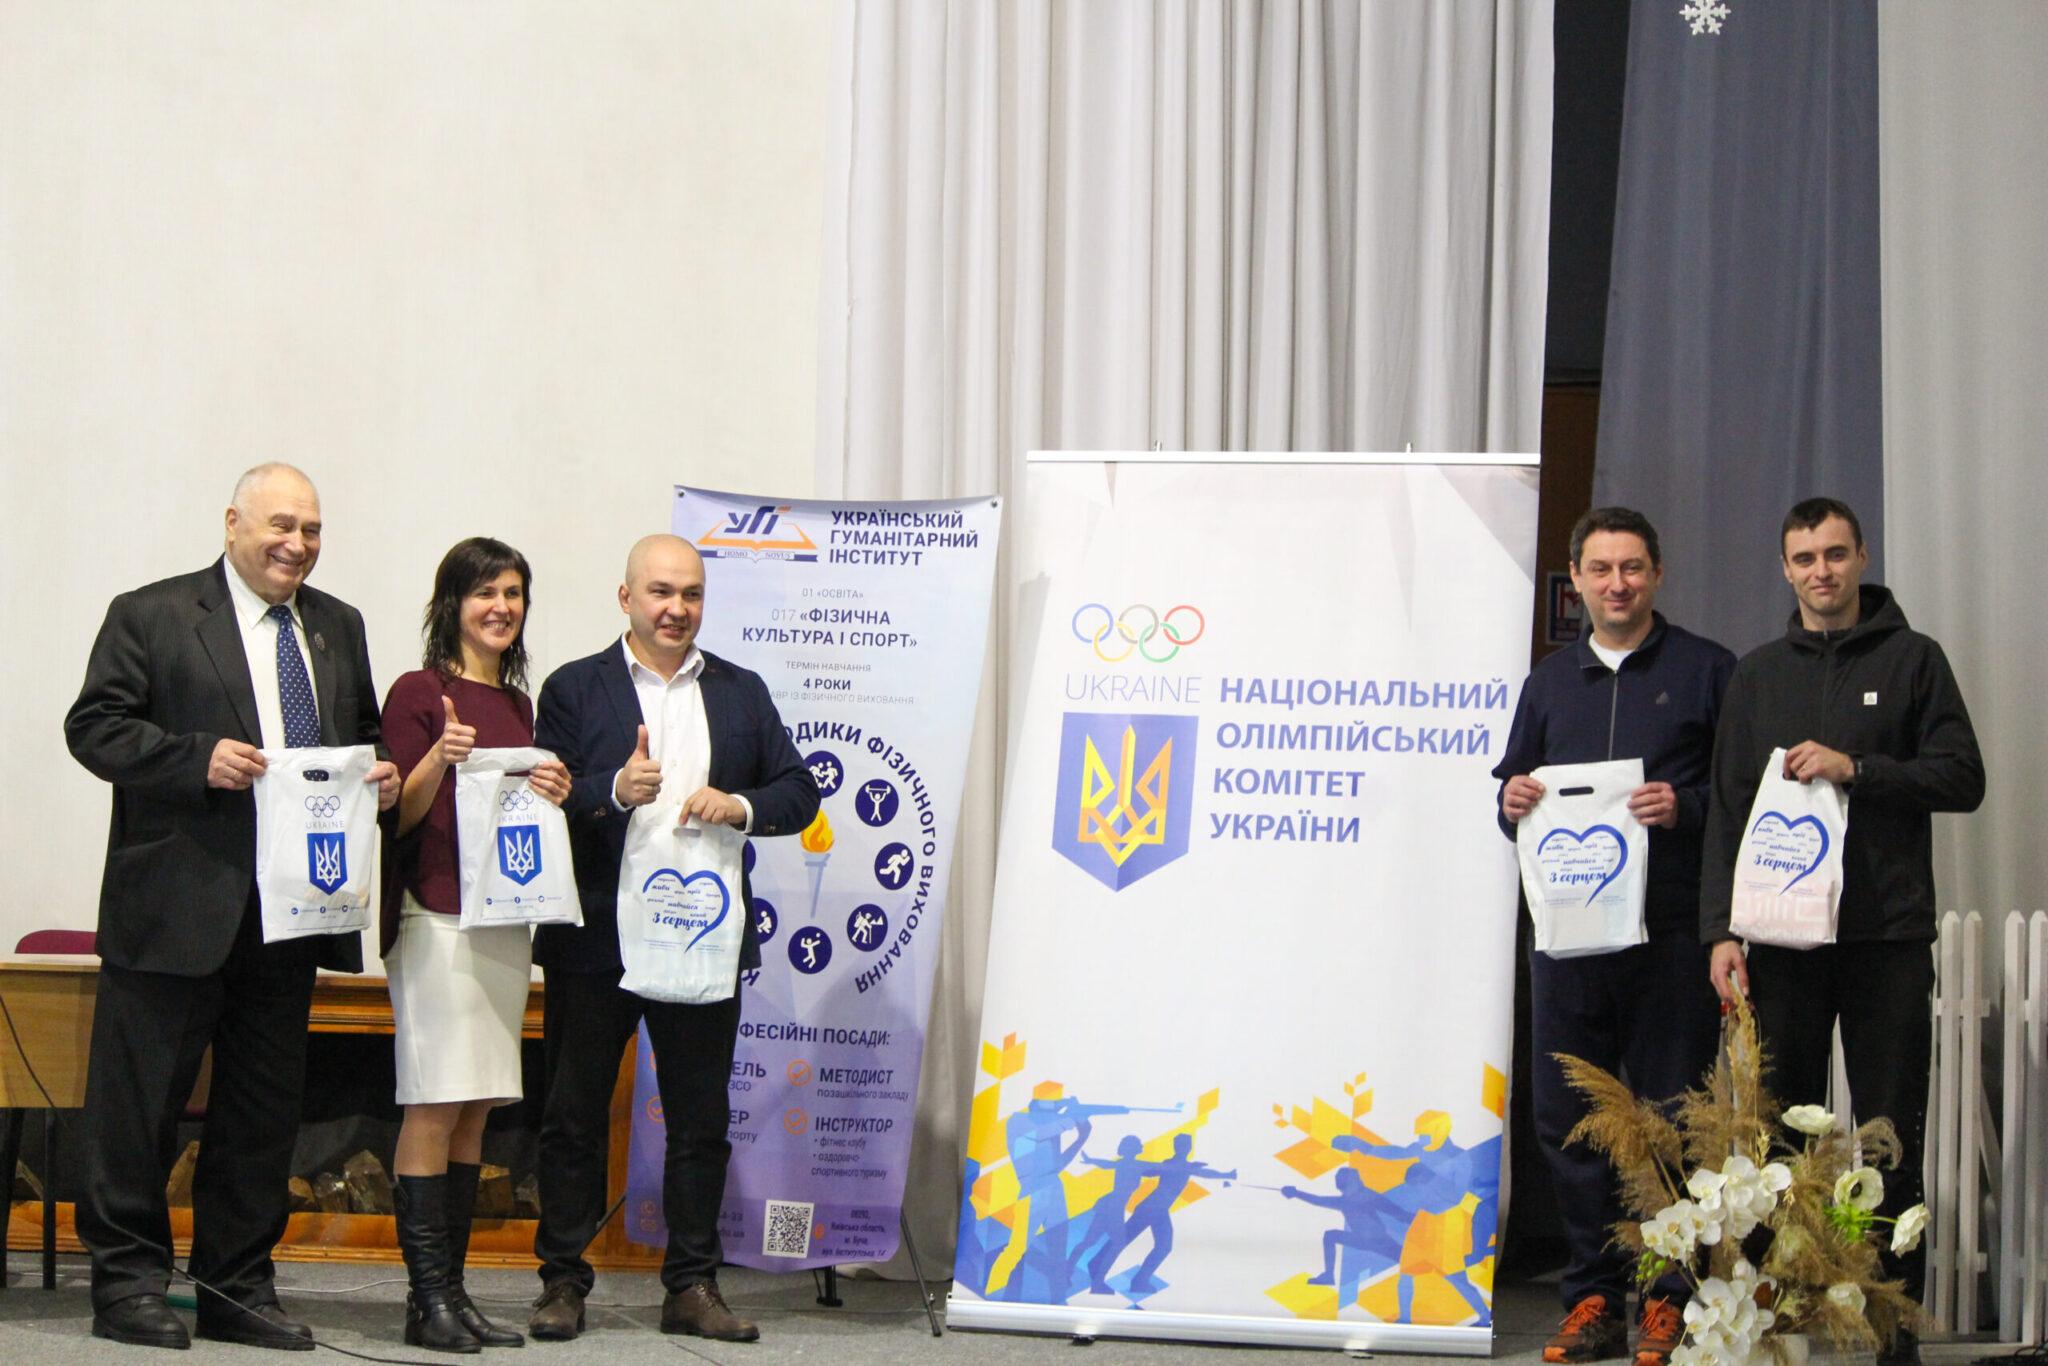 УГІ співпрацює з відділенням Національного олімпійського комітету Київської області